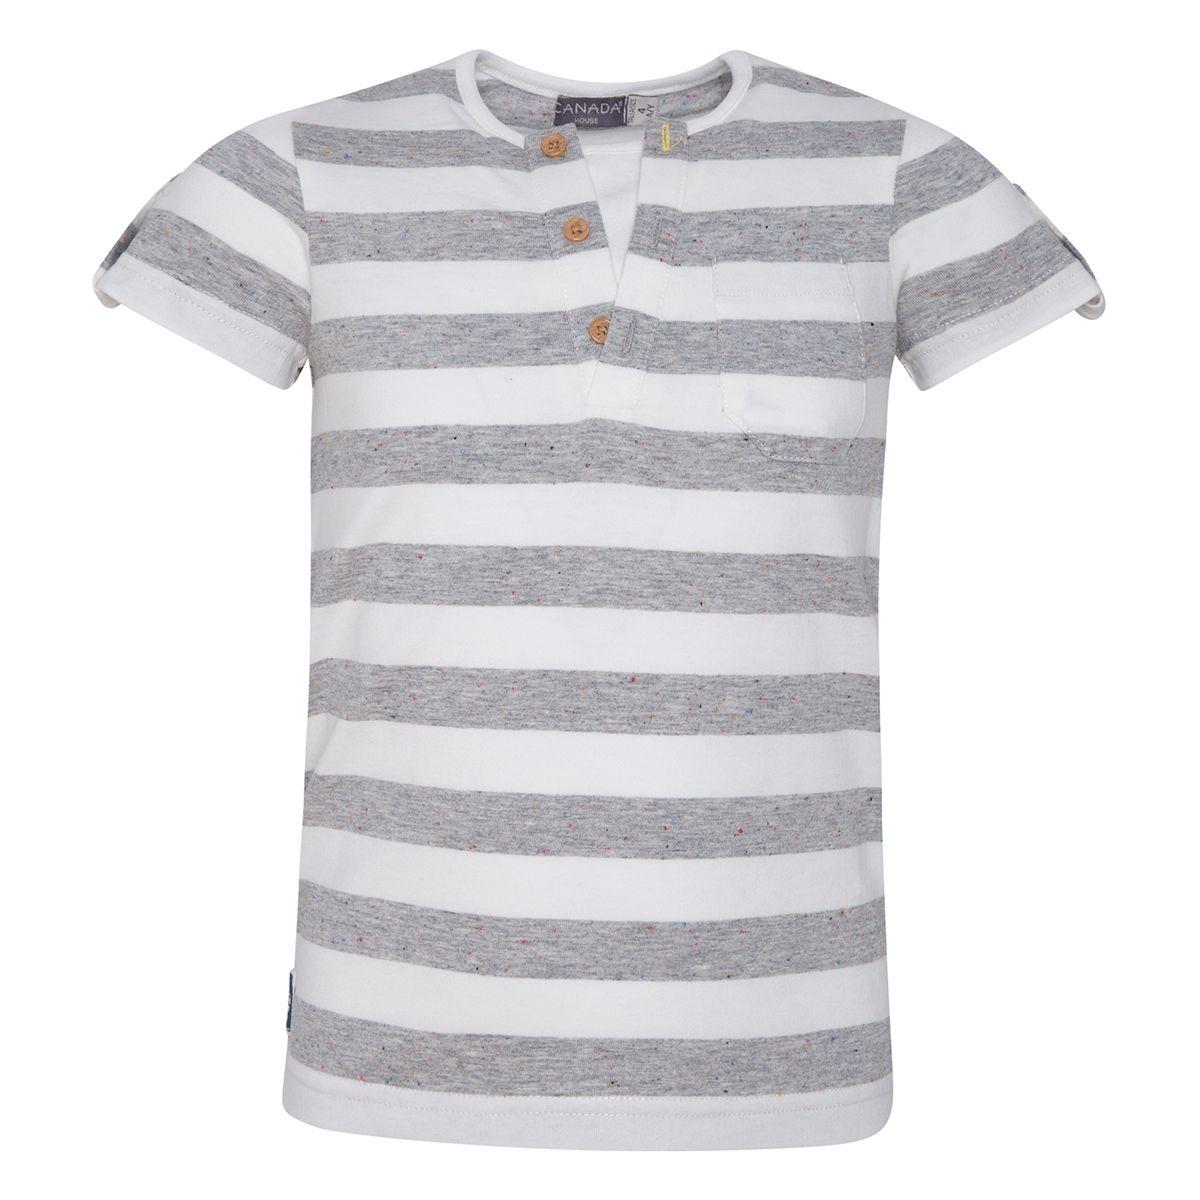 T-shirt widestripe garçon